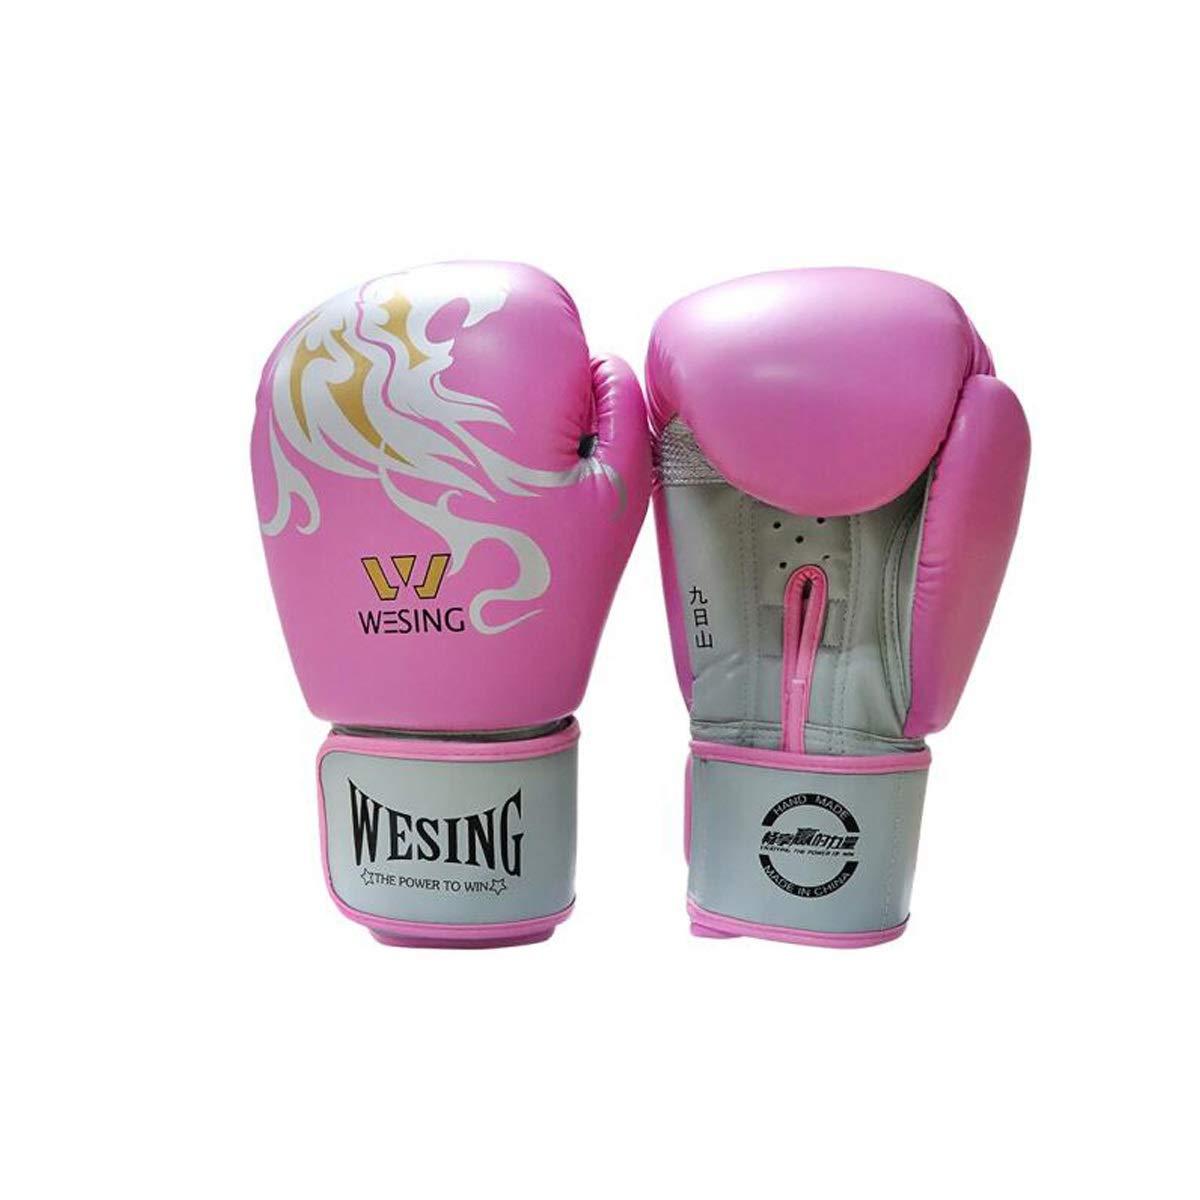 HXSD ボクシンググローブのり手袋サンダグローブムエタイの手袋サンドバッグ格闘技8-16オンス12オンス(2パック1組) 柔らかくて快適な手袋、 ピンク 12oz